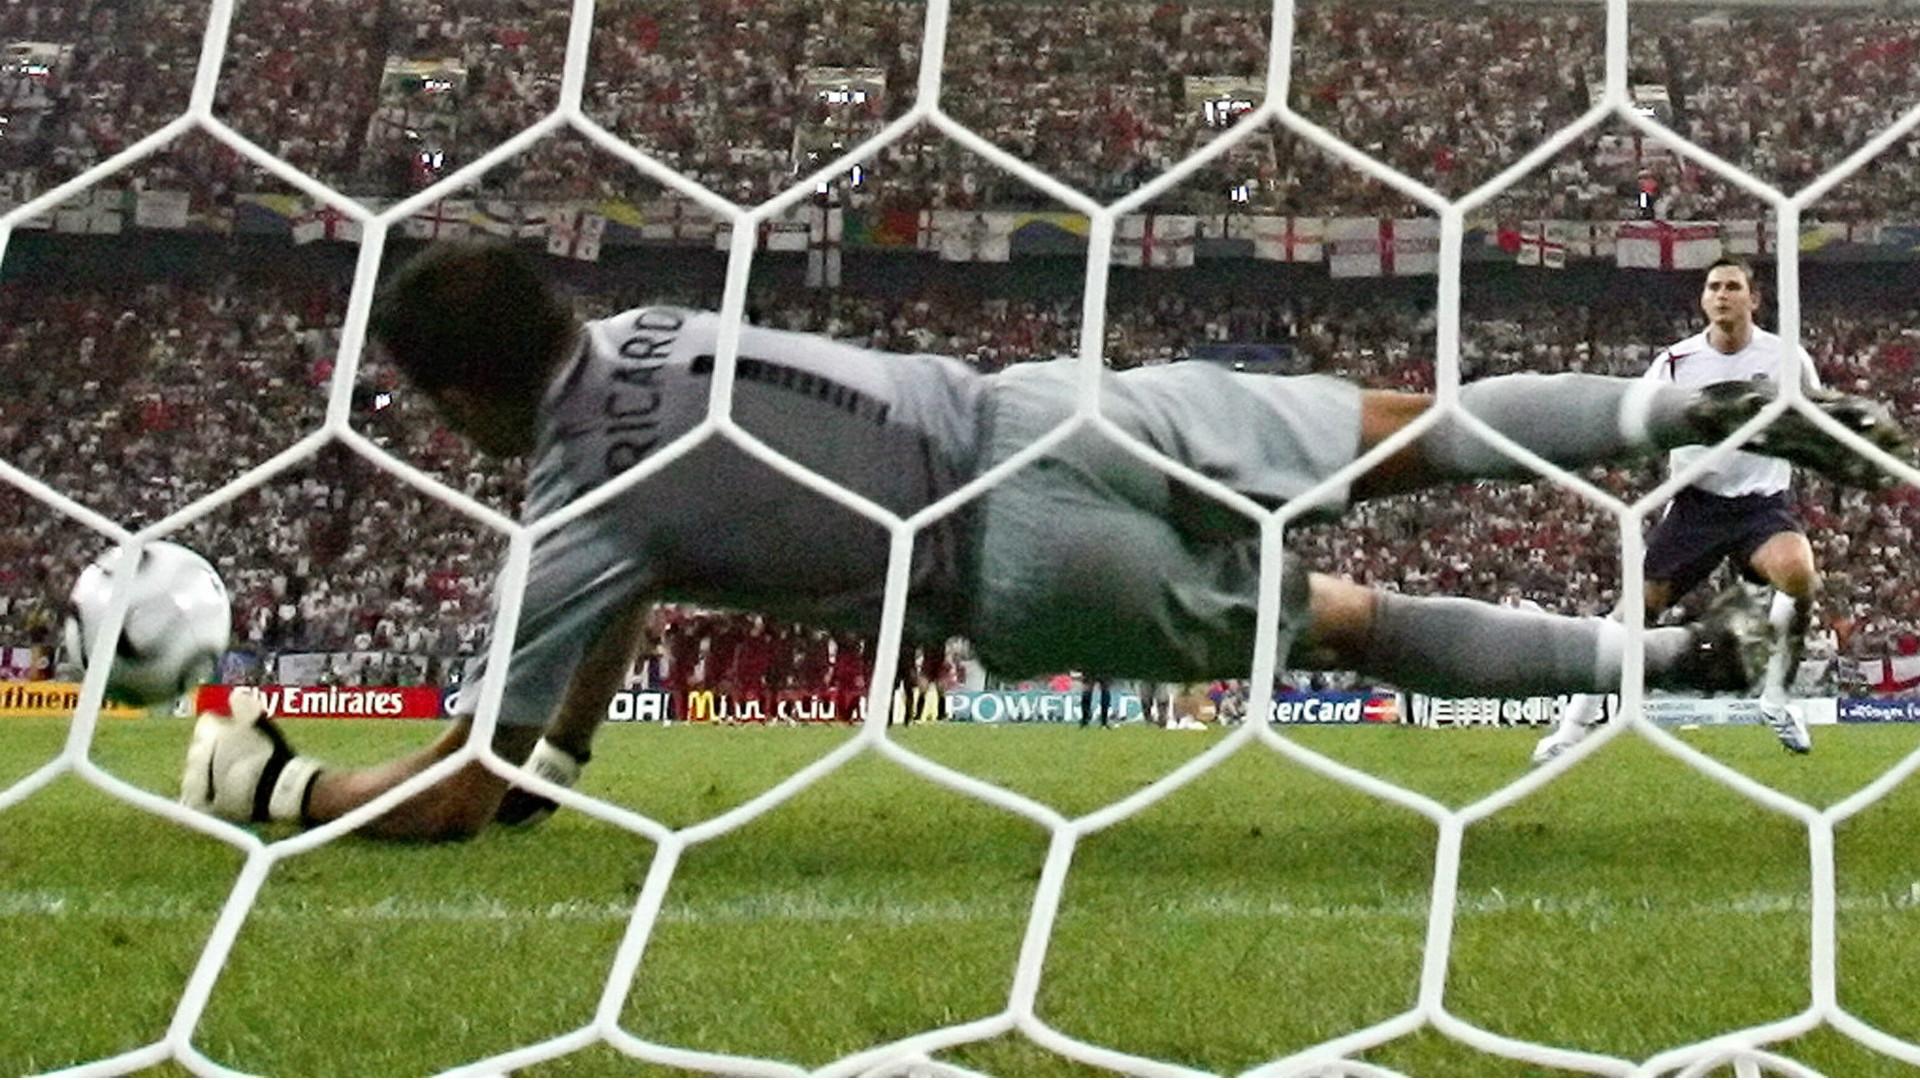 Ricardo Portugal vs England World Cup 2006 Quarter Final